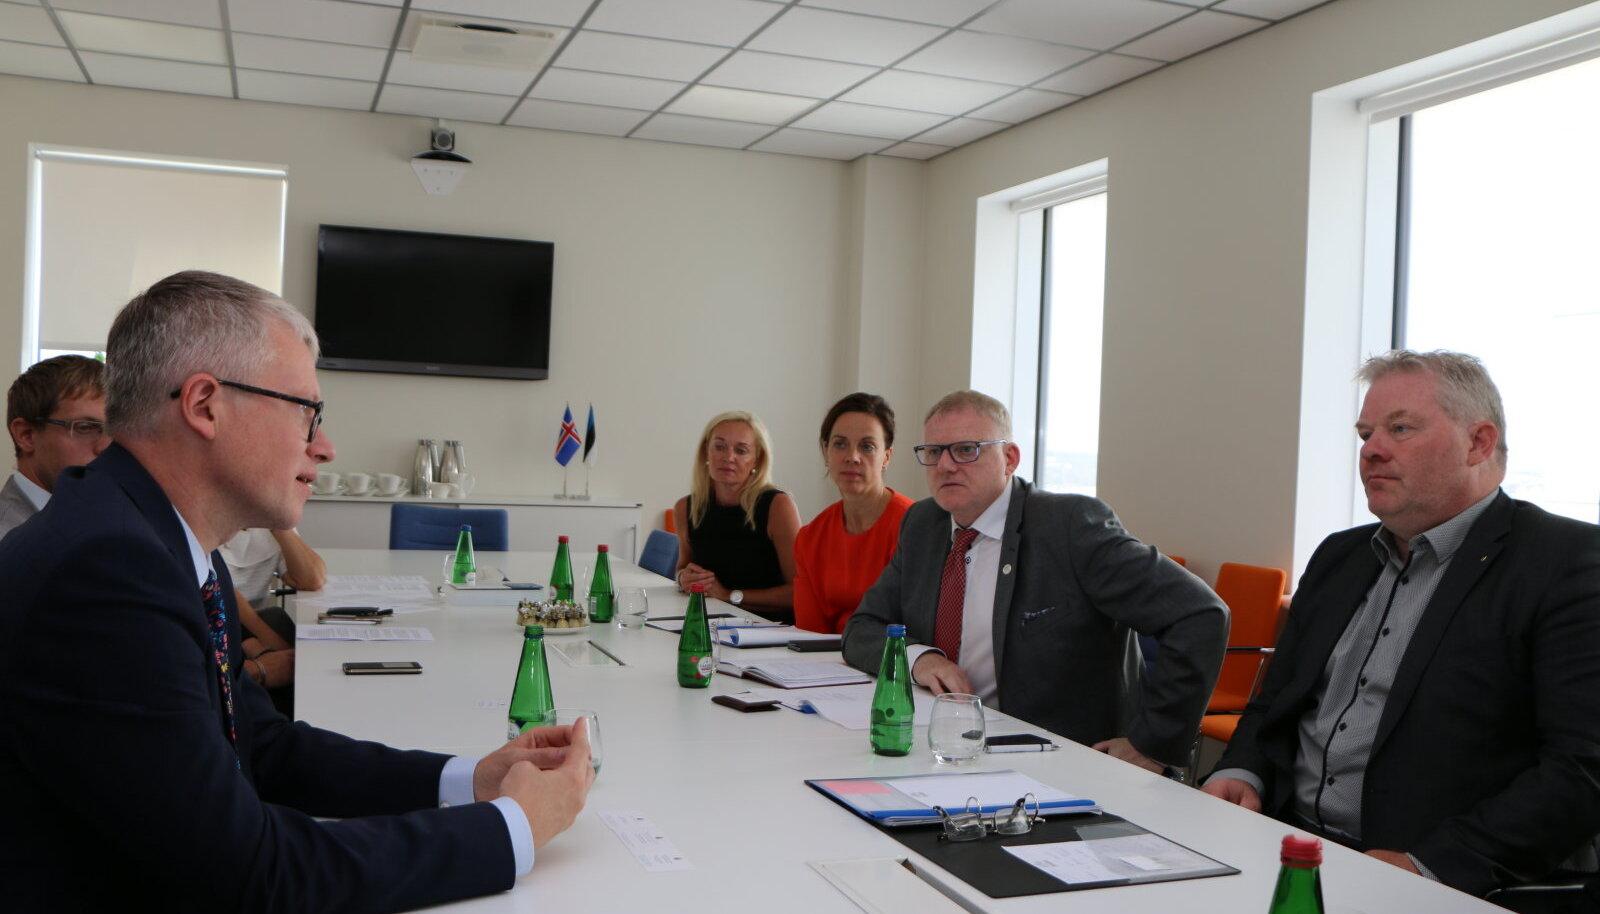 Riigihalduse minister Janek Mäggi tutvustab Islandi kolleegile haldusreformi